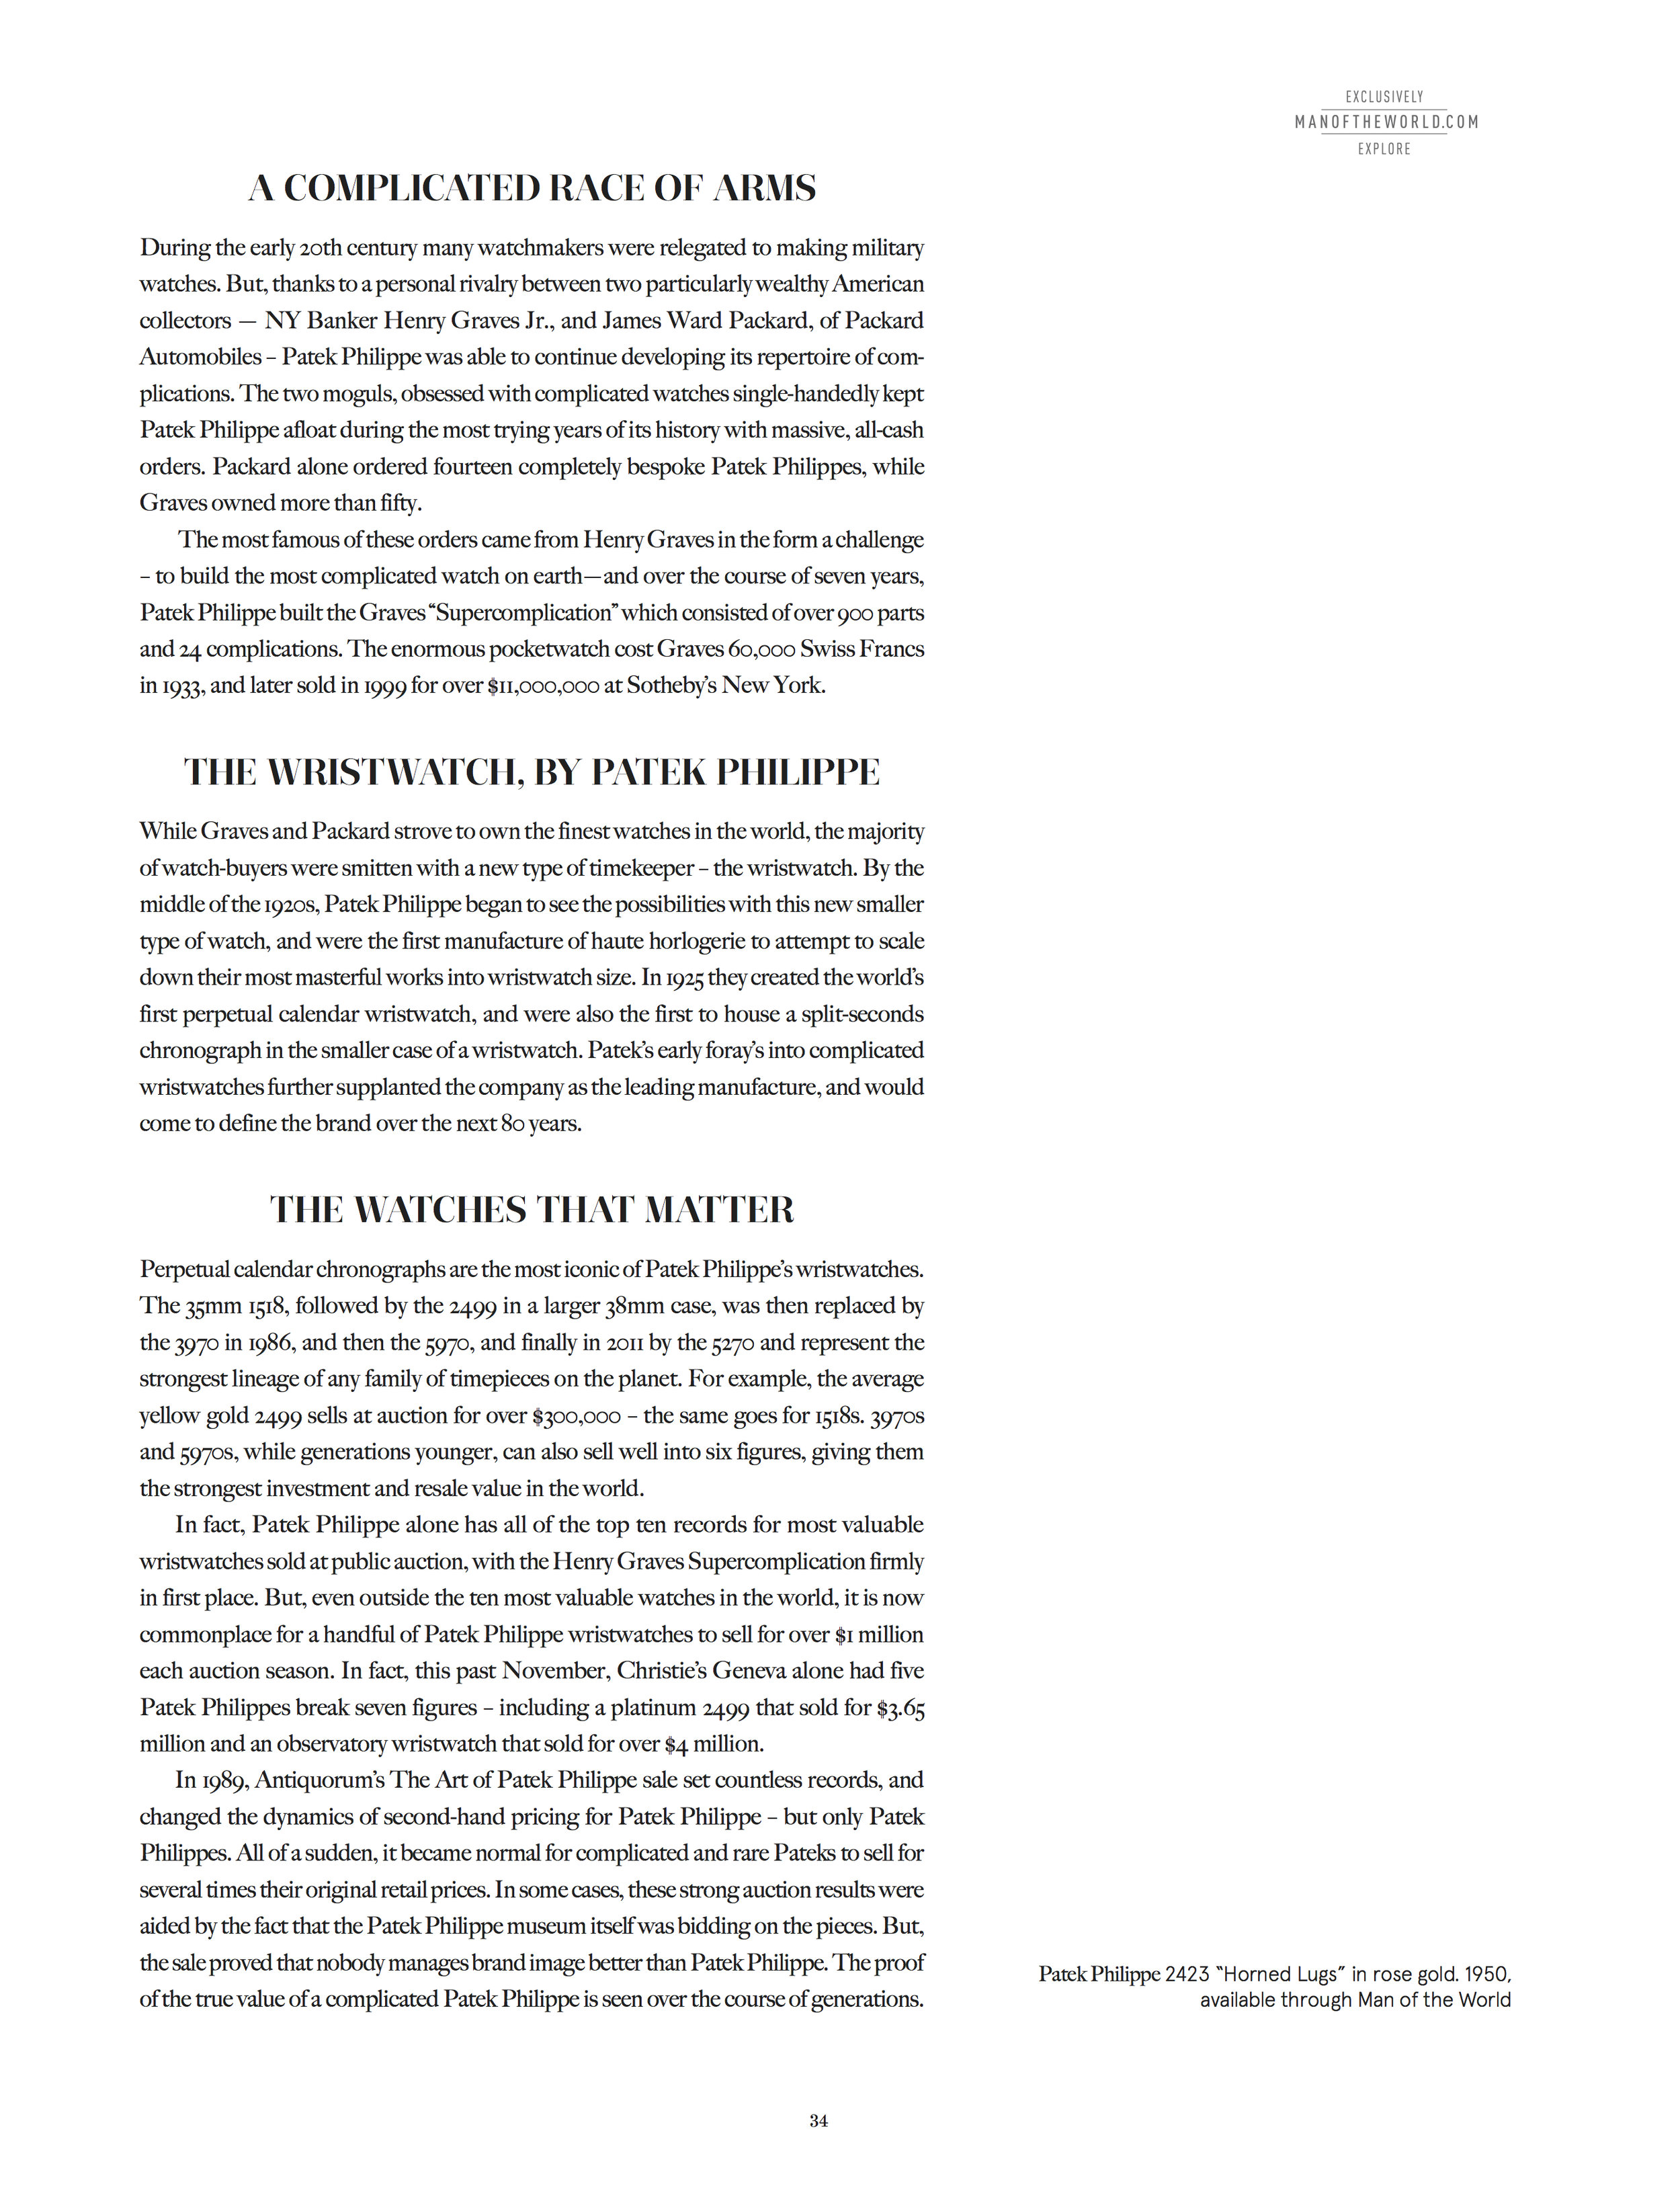 MOTW_Issue2_PatekPhilippe_3.jpg